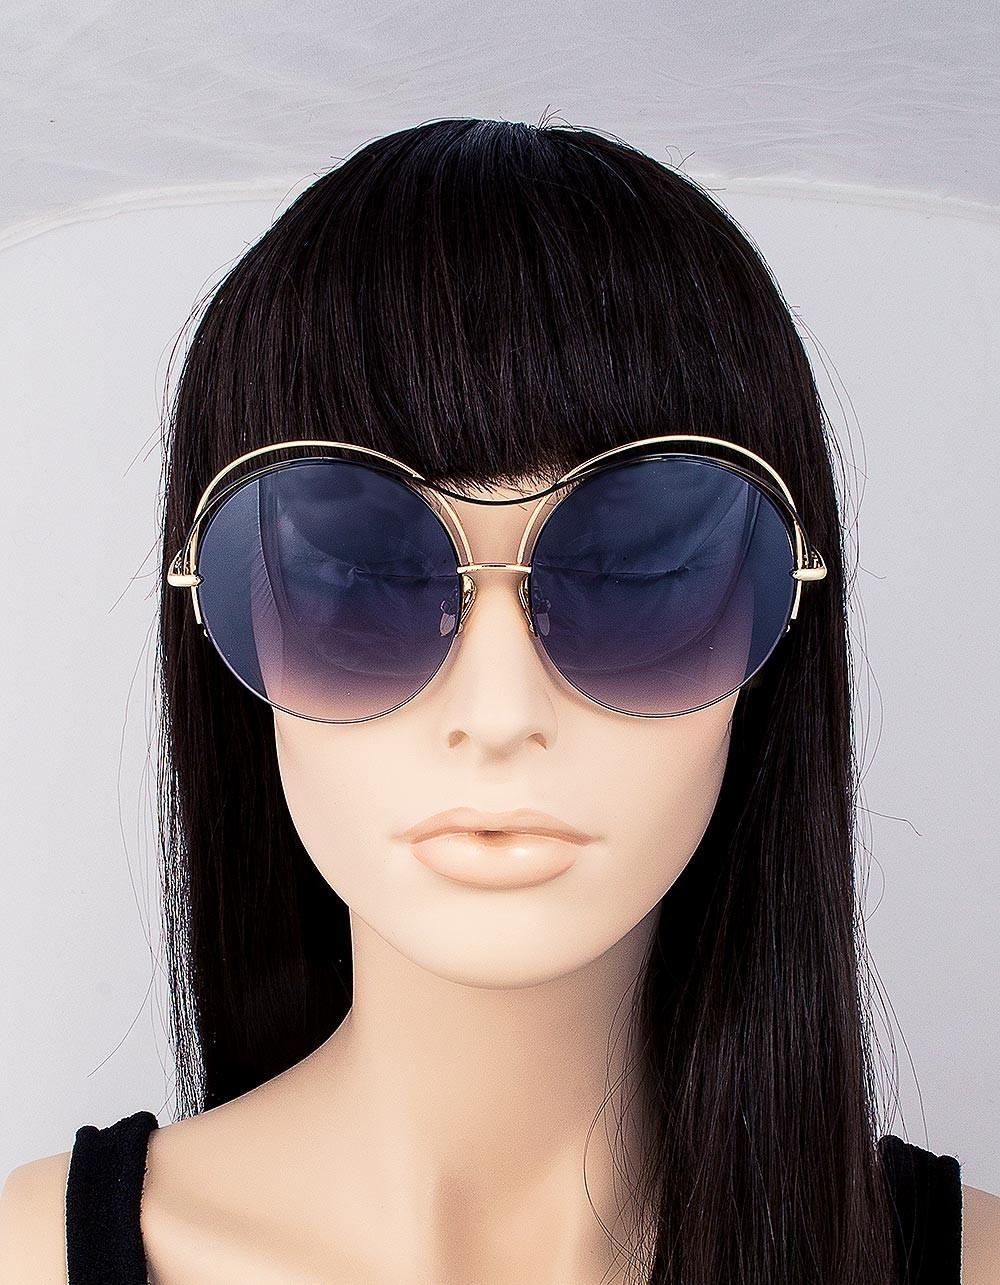 модные очки от солнца 2019-2020: очки круглые оверсайз двойная оправа